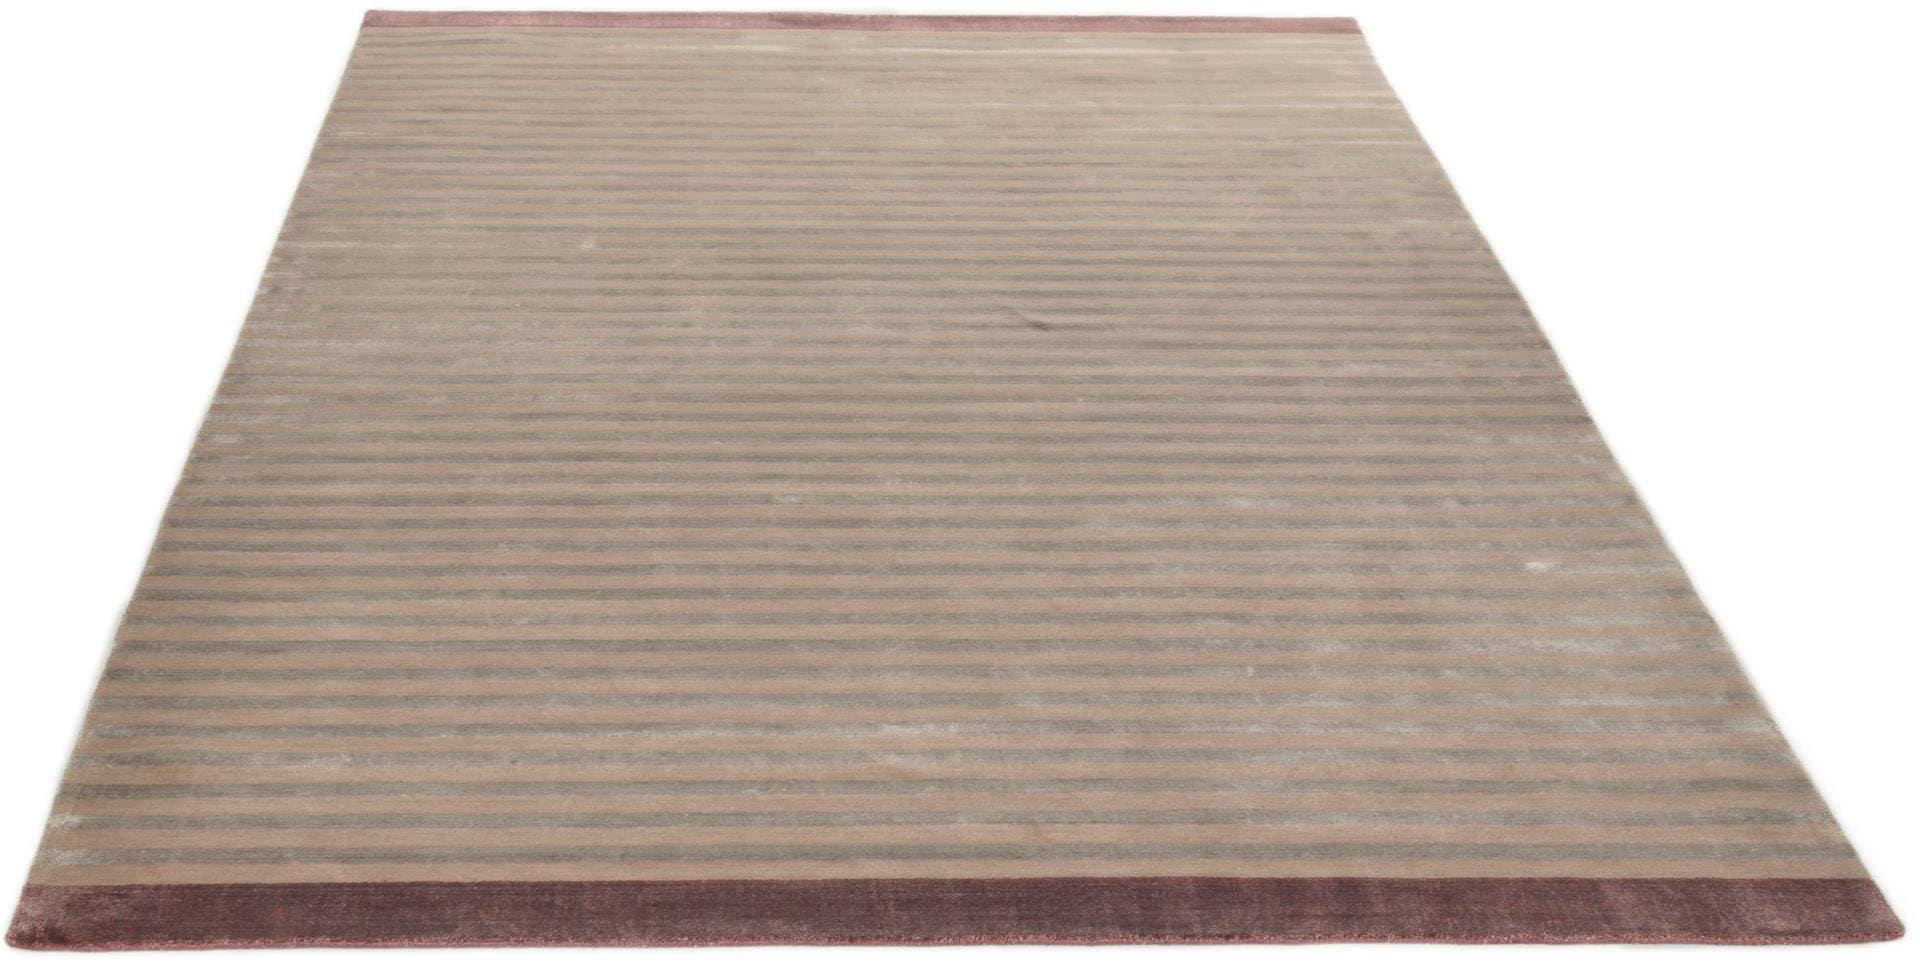 THEKO Teppich Miami 3286, rechteckig, 8 mm Höhe, Wohnzimmer günstig online kaufen